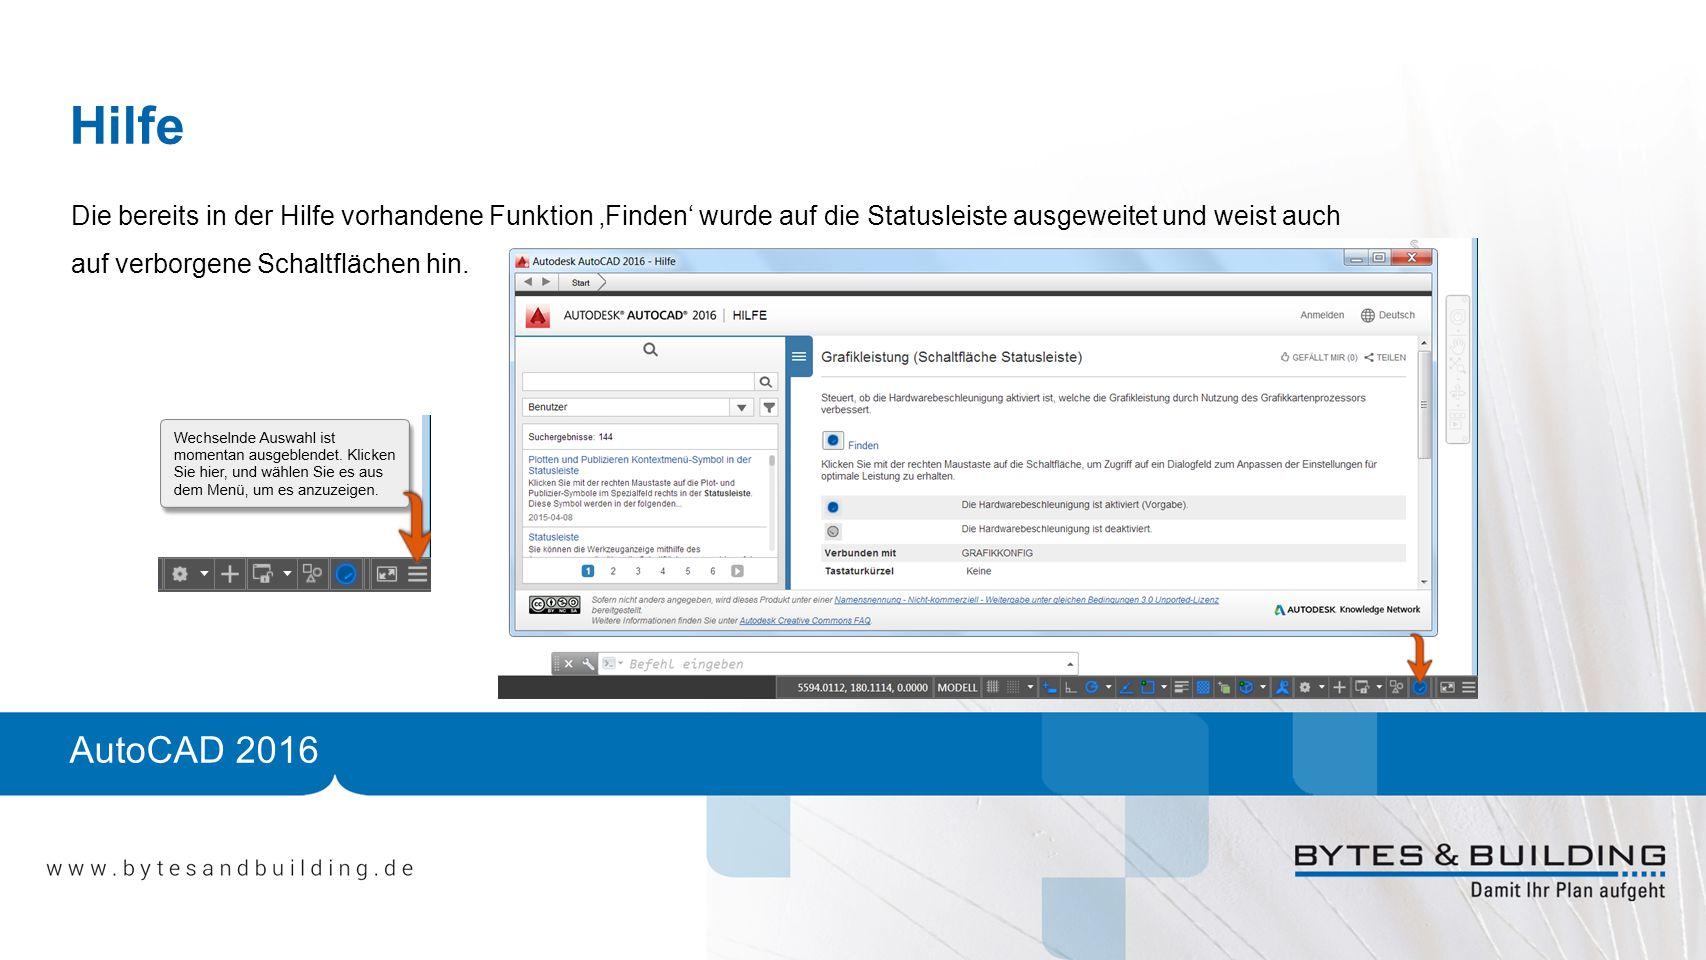 AutoCAD 2016 Hilfe Die bereits in der Hilfe vorhandene Funktion 'Finden' wurde auf die Statusleiste ausgeweitet und weist auch auf verborgene Schaltfl